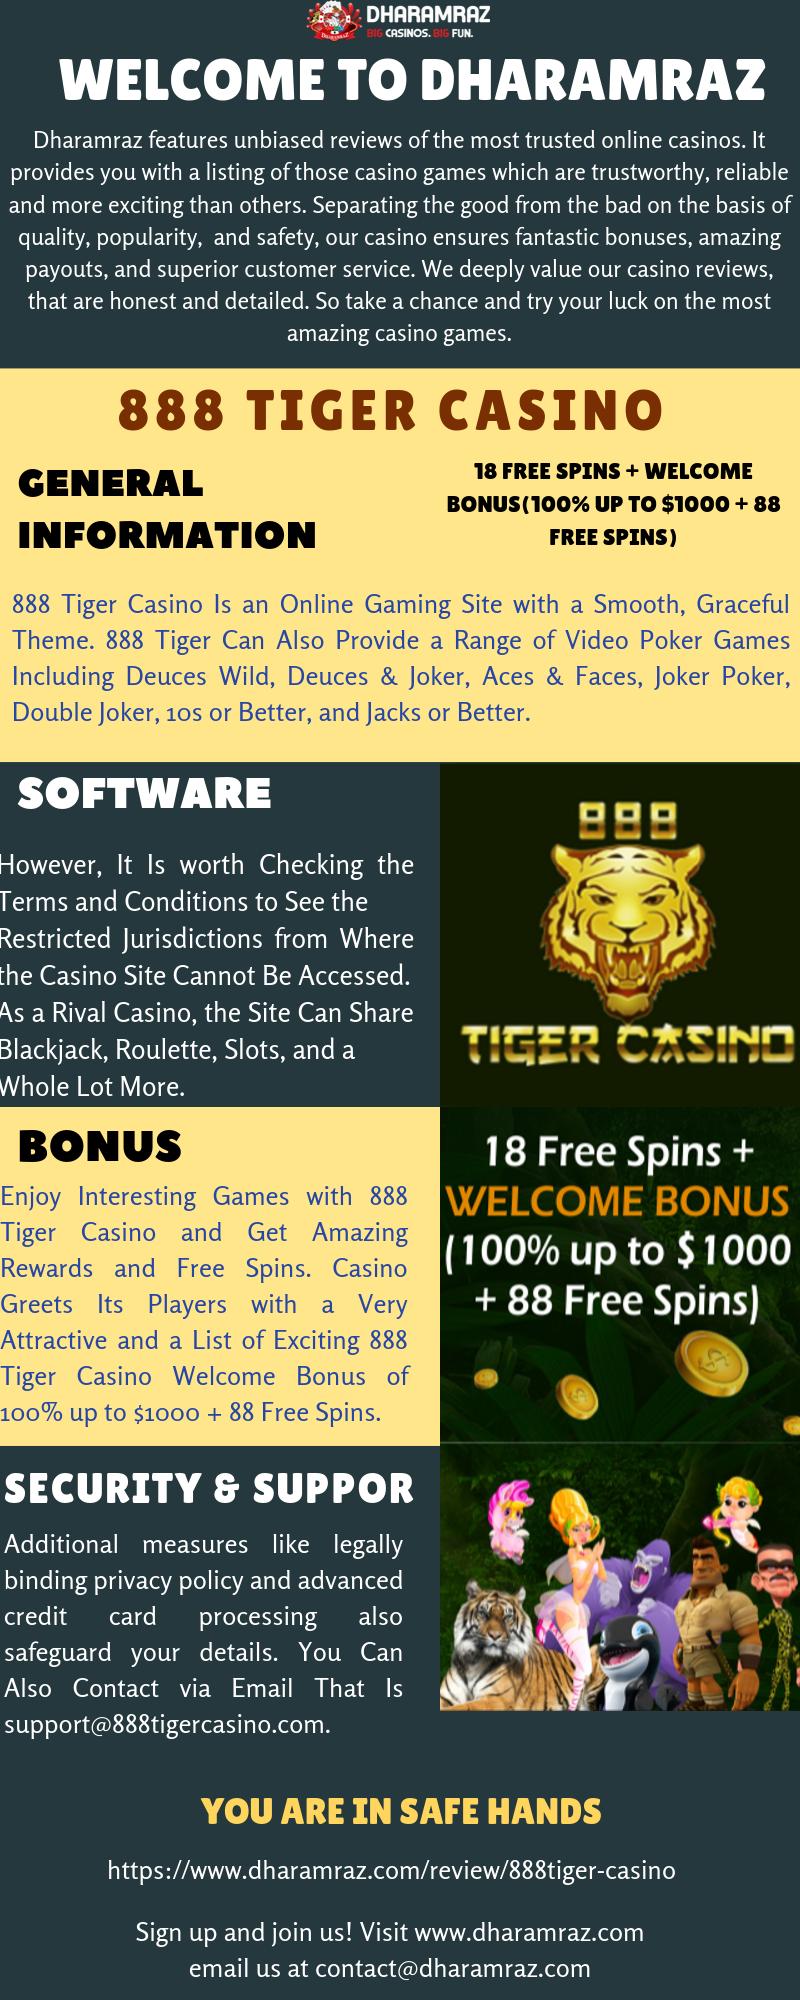 Best Online Gambling Sites 888 Tiger Casino Casino Online